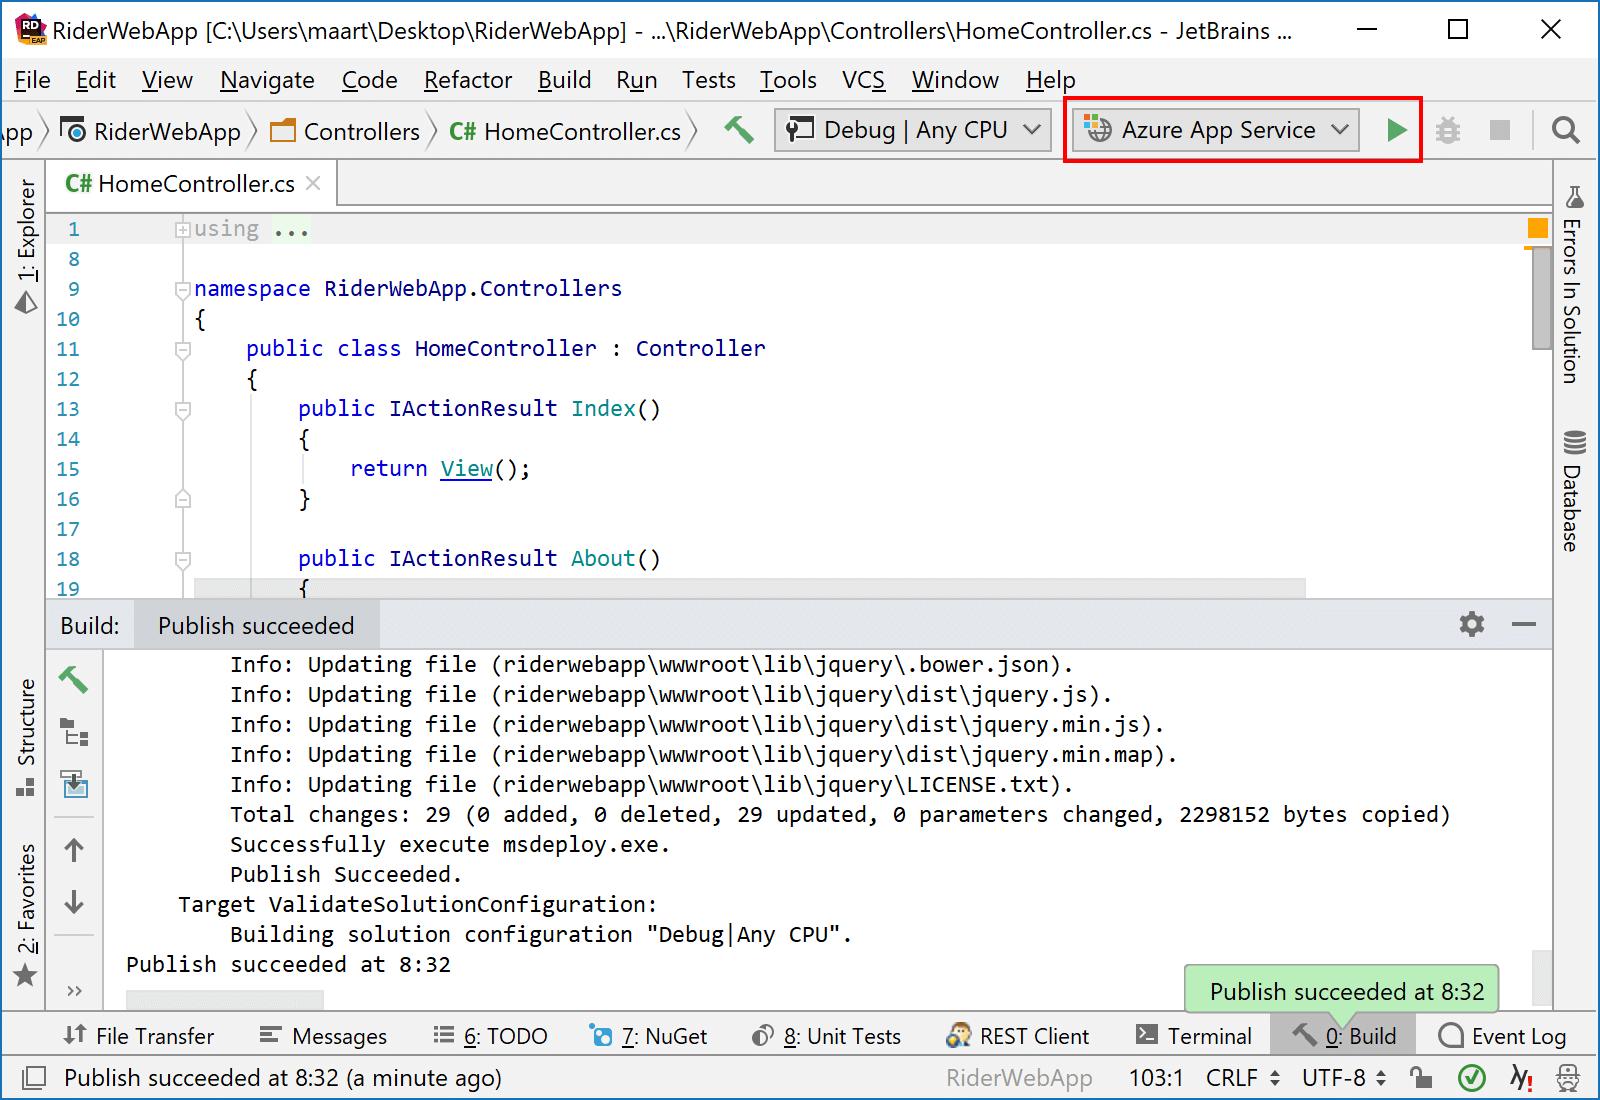 JetBrains Rider: Deploying an ASP.NET Core app